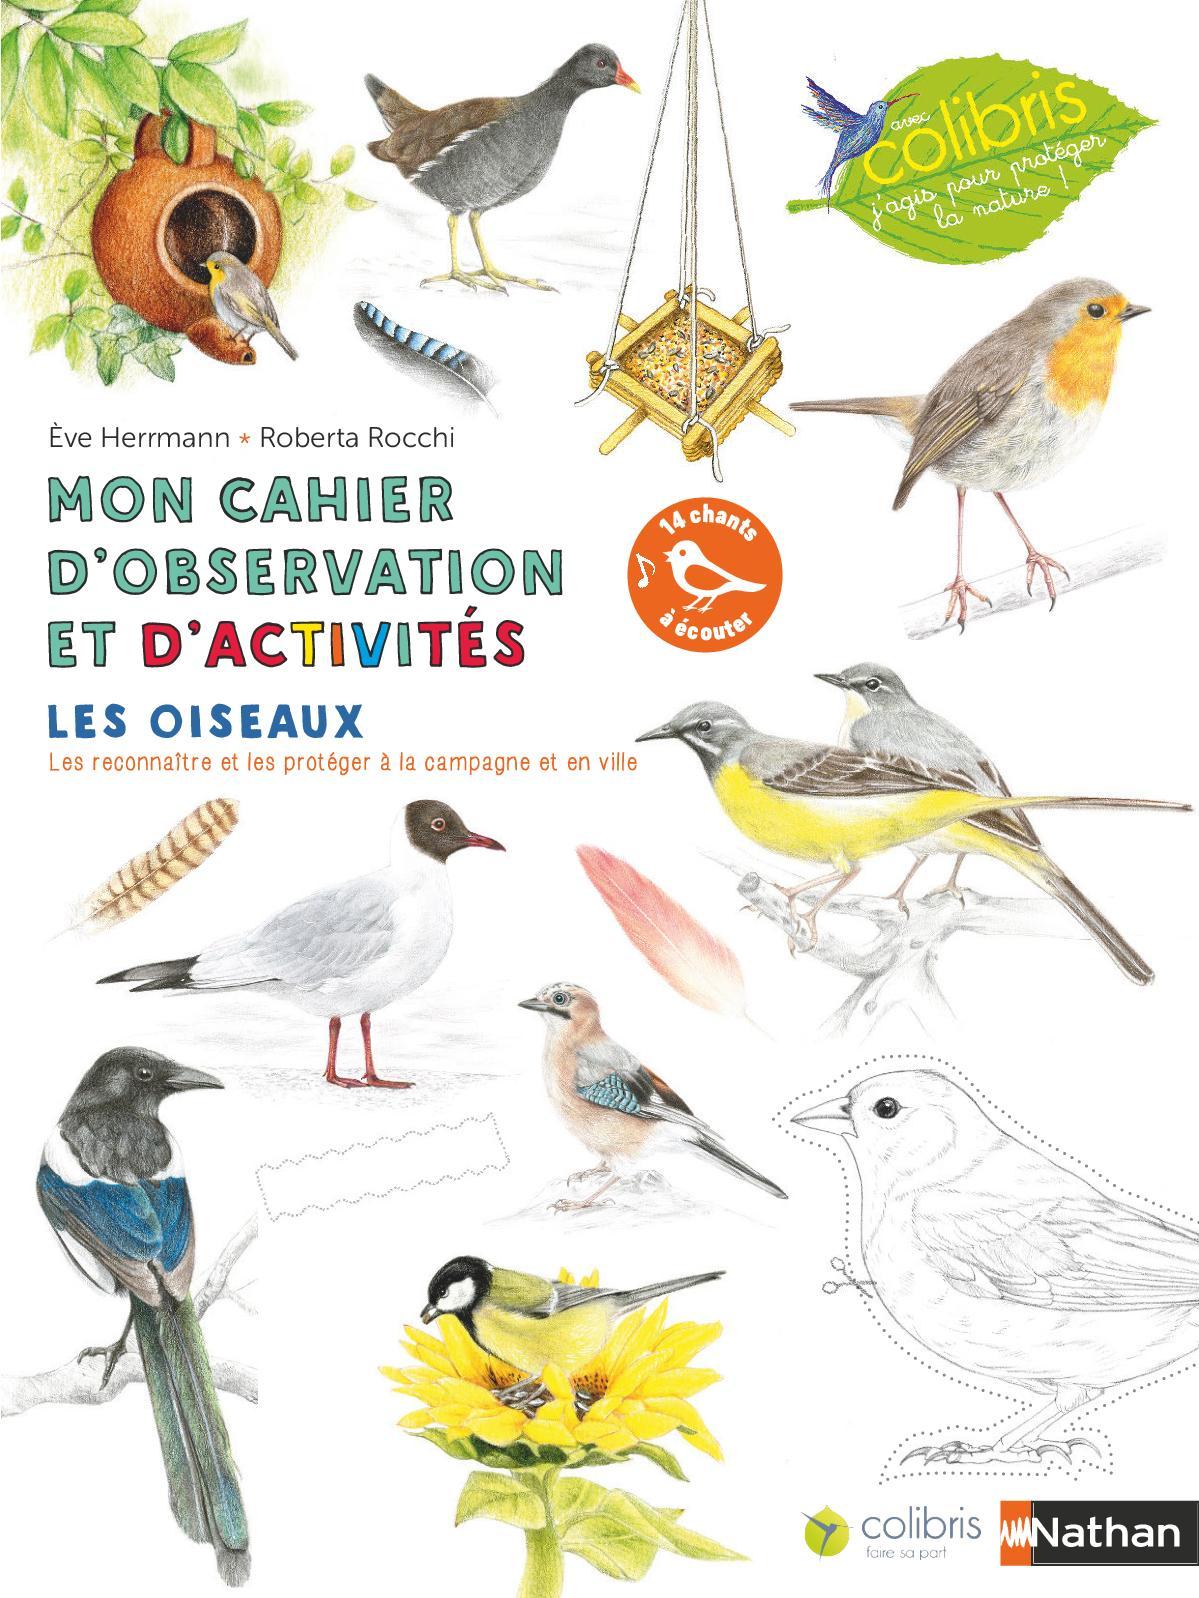 Mon cahier d'observation et d'activités : Les oiseaaux